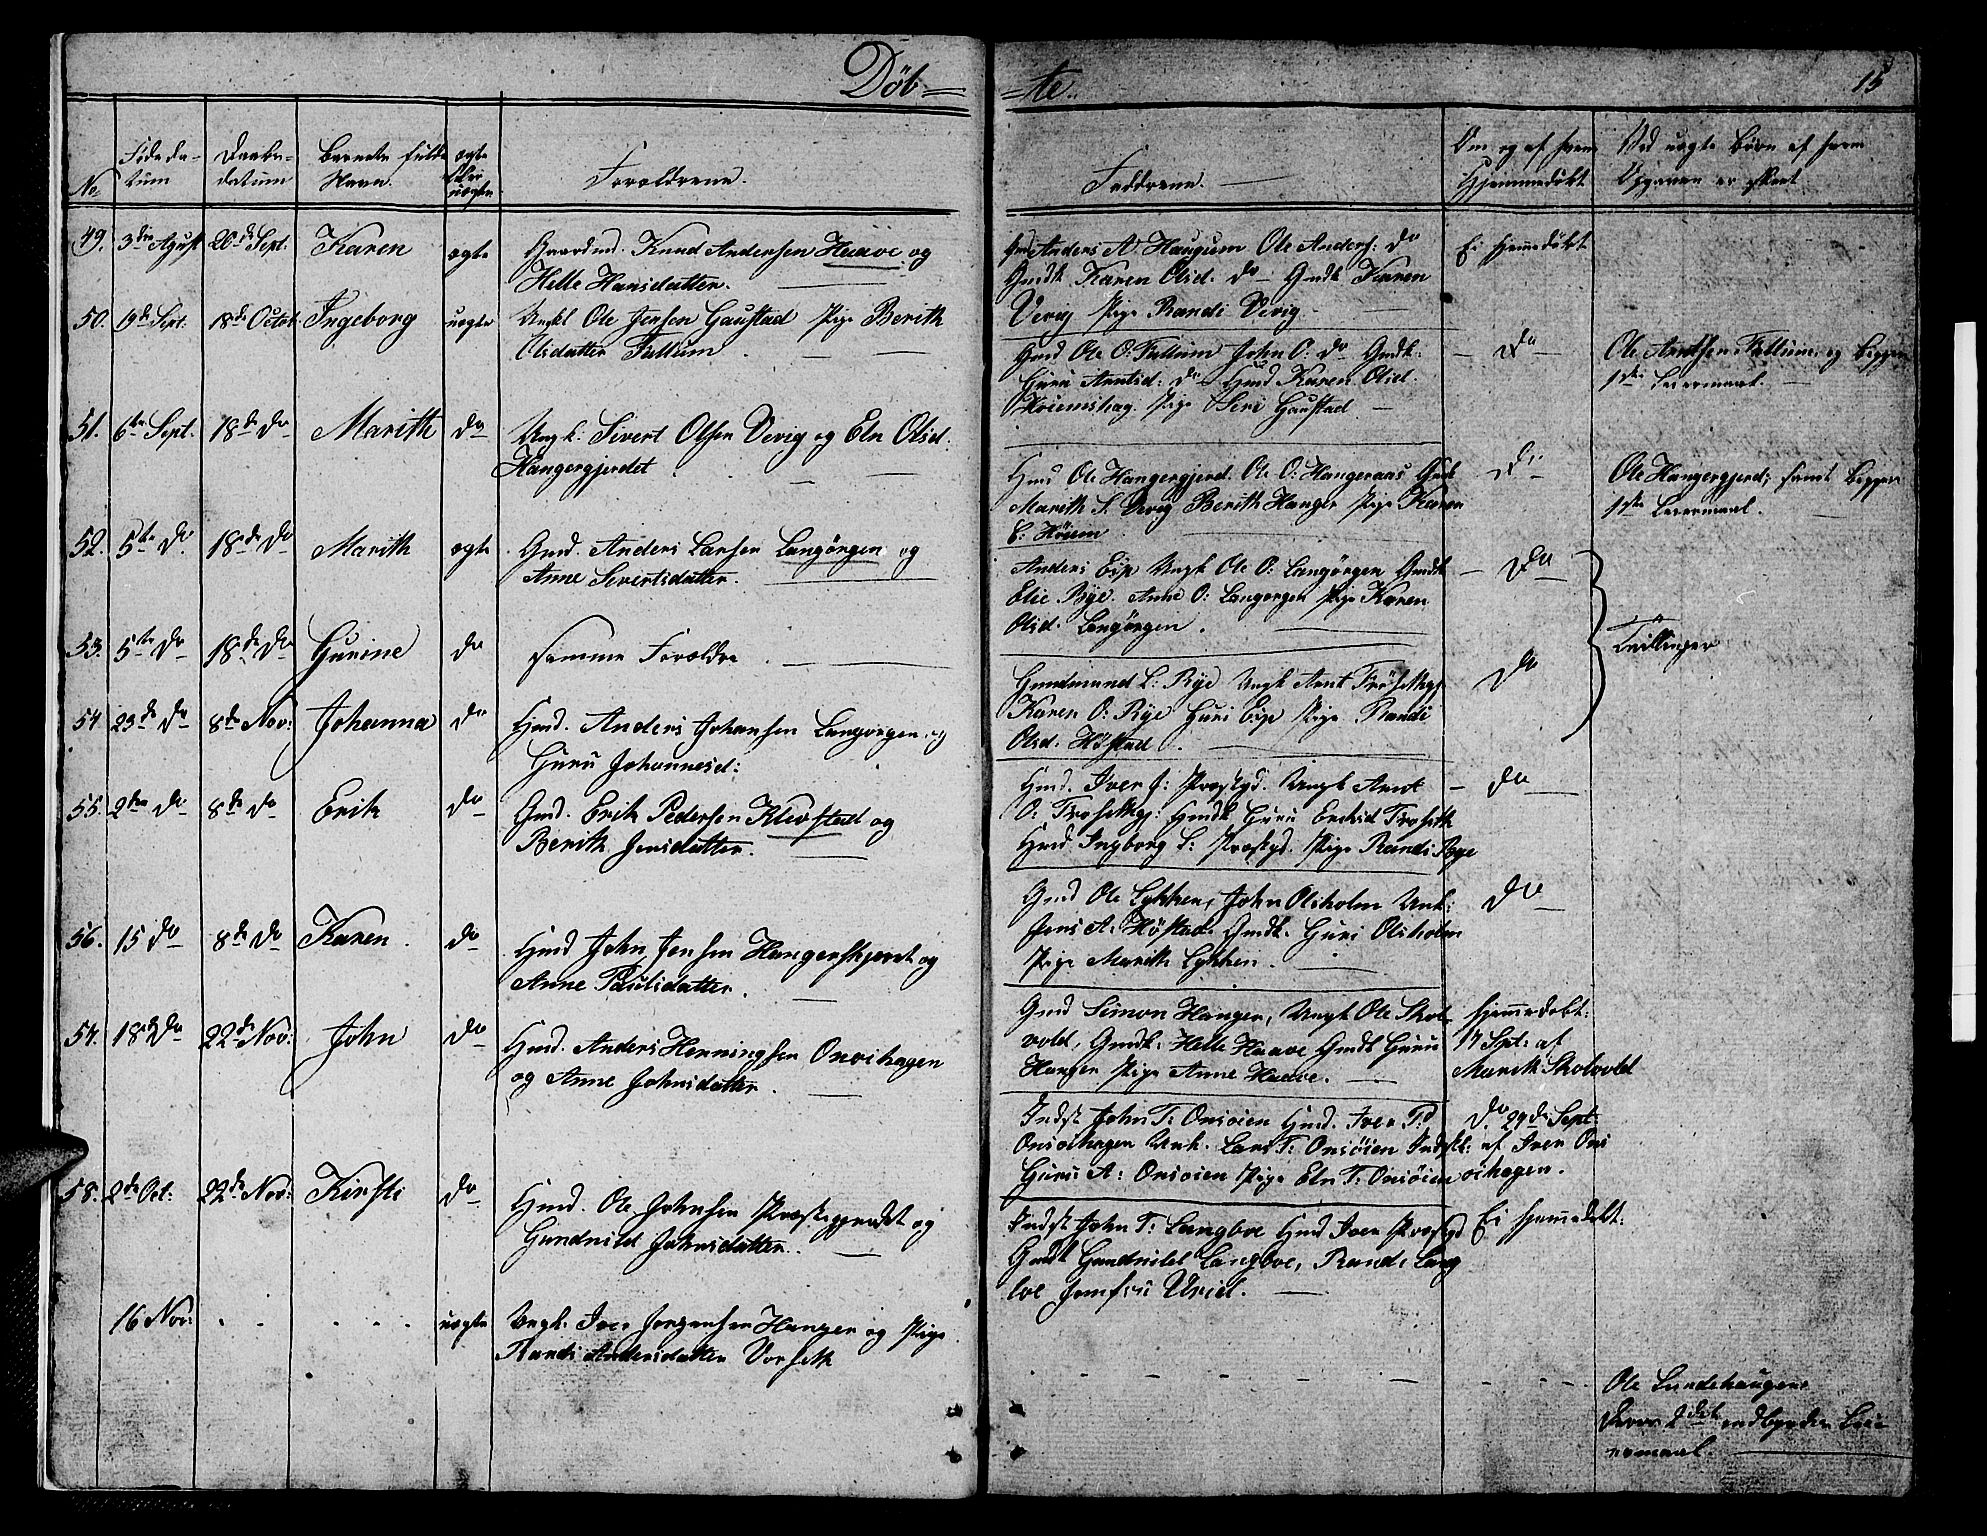 SAT, Ministerialprotokoller, klokkerbøker og fødselsregistre - Sør-Trøndelag, 612/L0386: Klokkerbok nr. 612C02, 1834-1845, s. 15